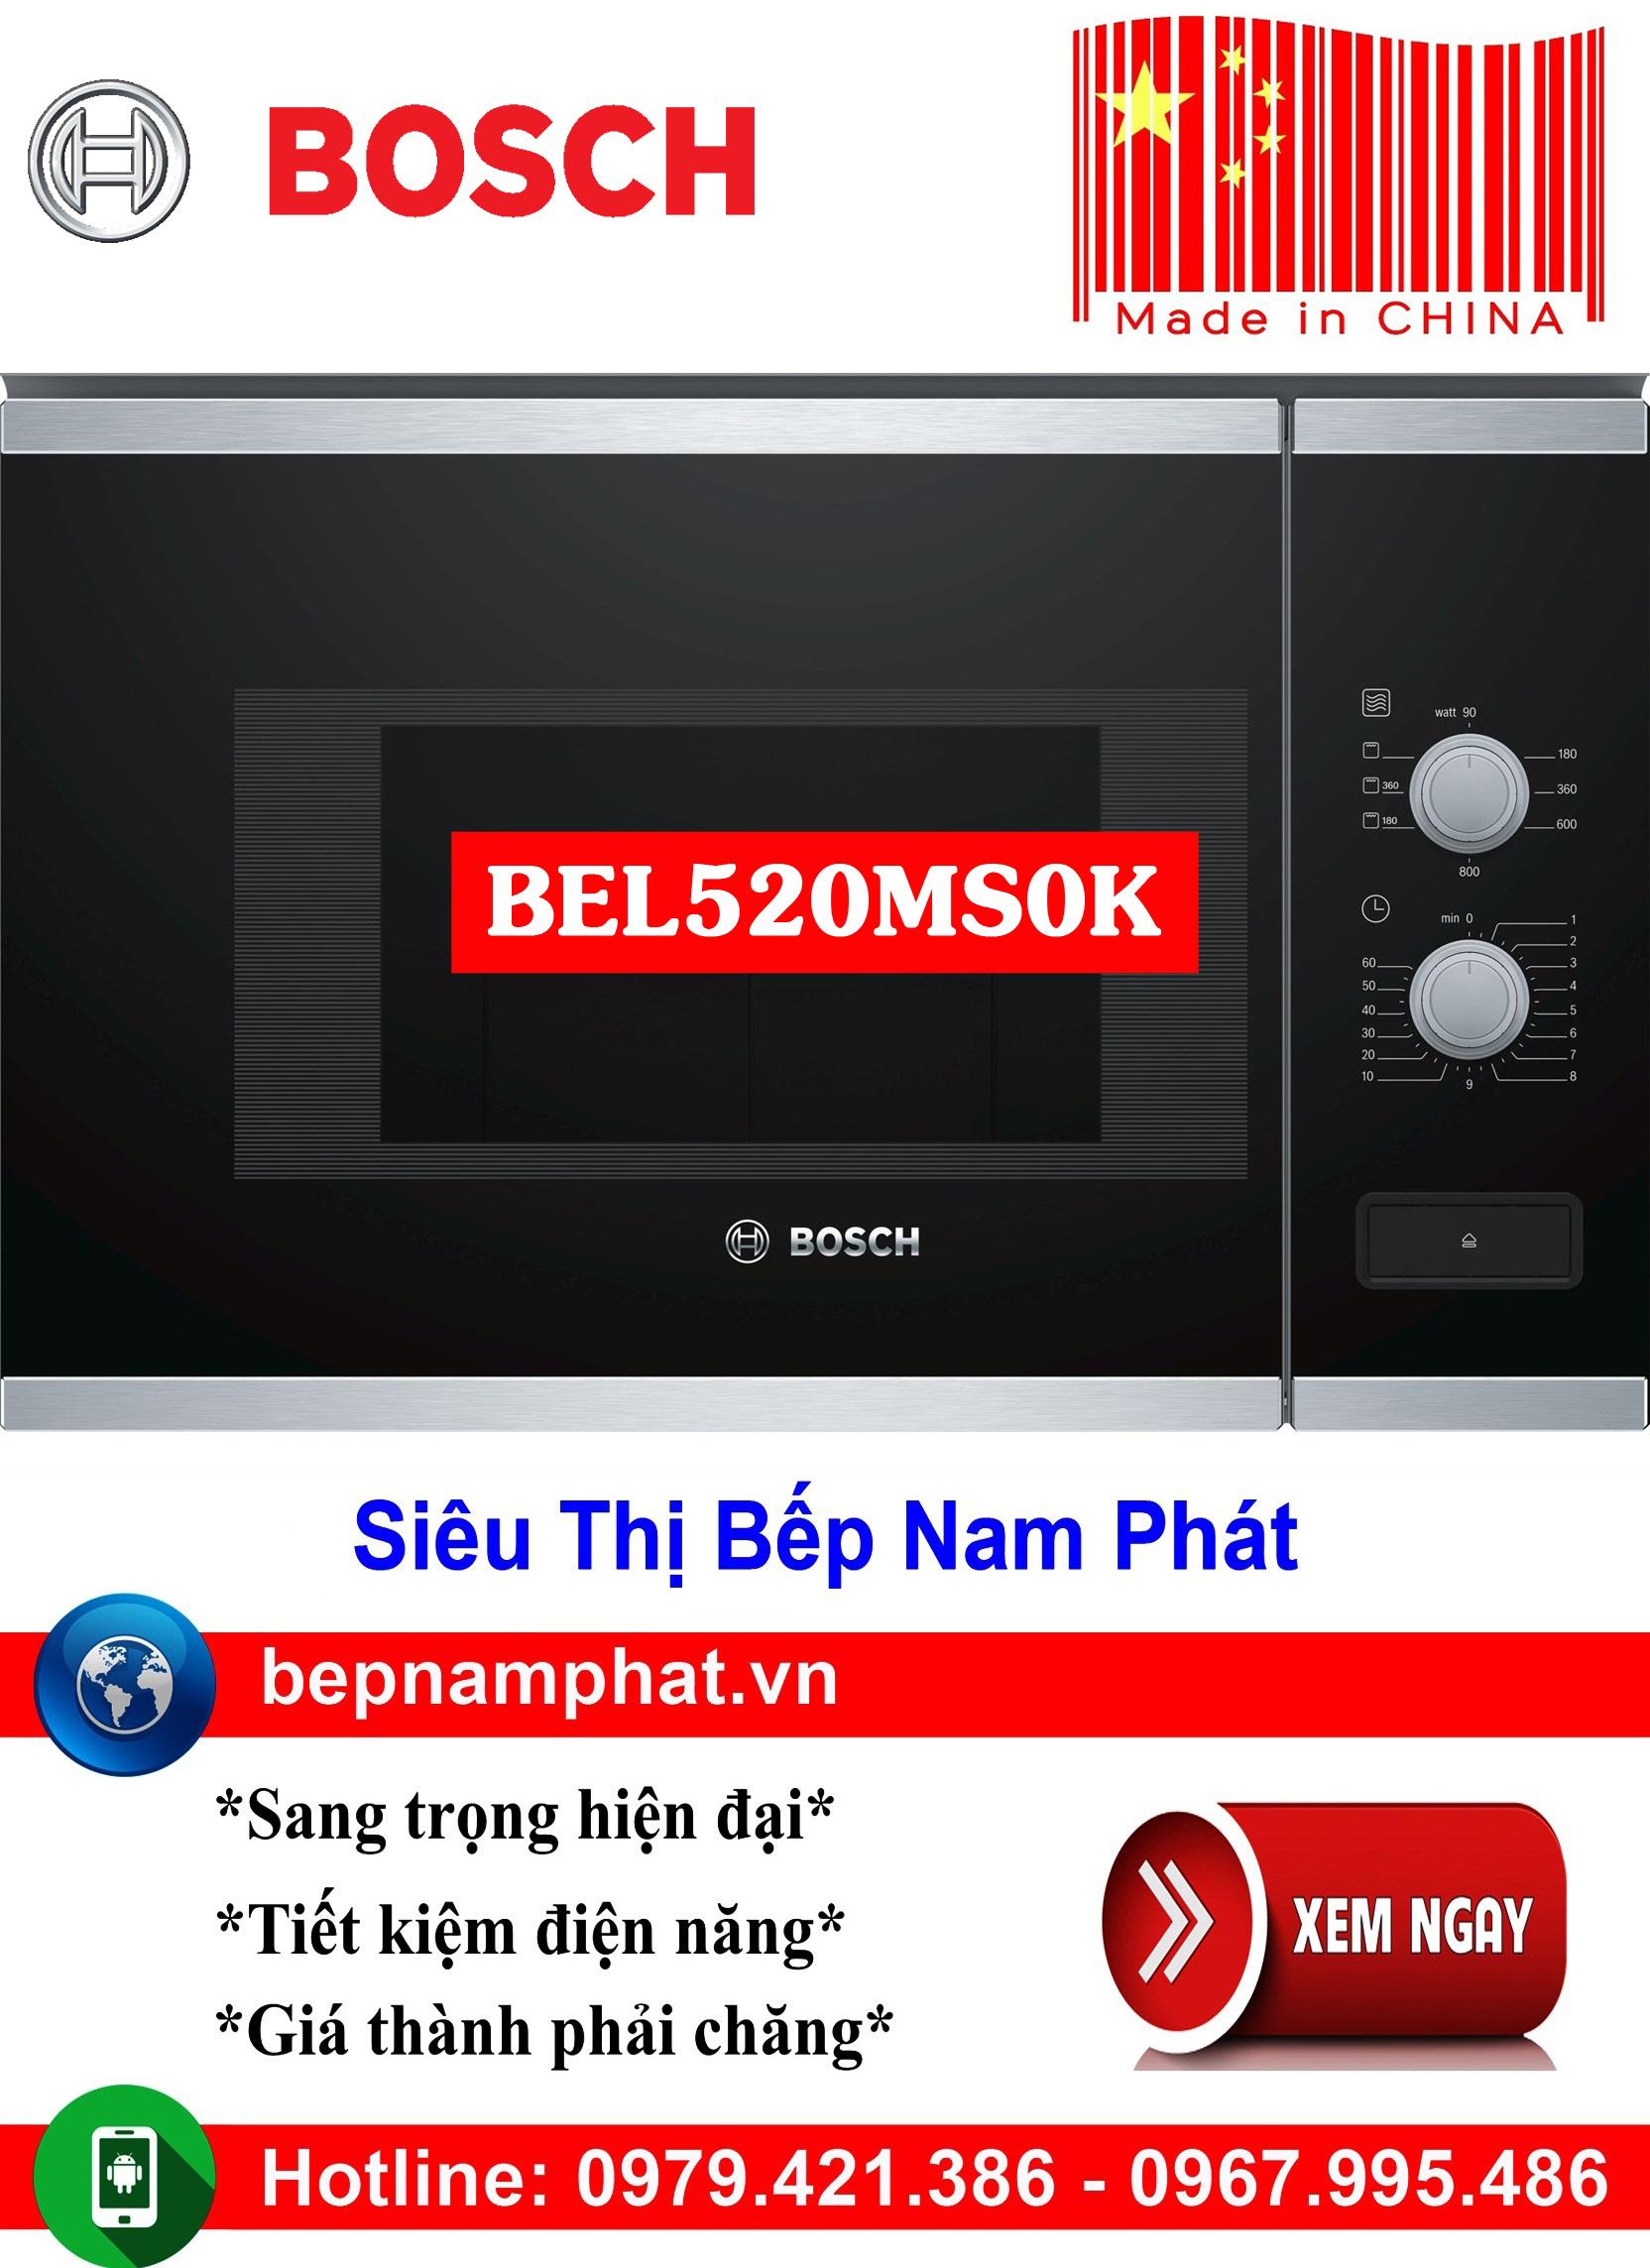 Lò vi sóng cao cấp lắp âm tủ BEL520MS0K nhập khẩu Trung Quốc, lò vi sóng, lò vi sóng có nướng, lò vi sóng mini, lò vi sóng sharp, lò vi sóng điện mini, lò vi sóng aqua, lò vi sóng nhỏ